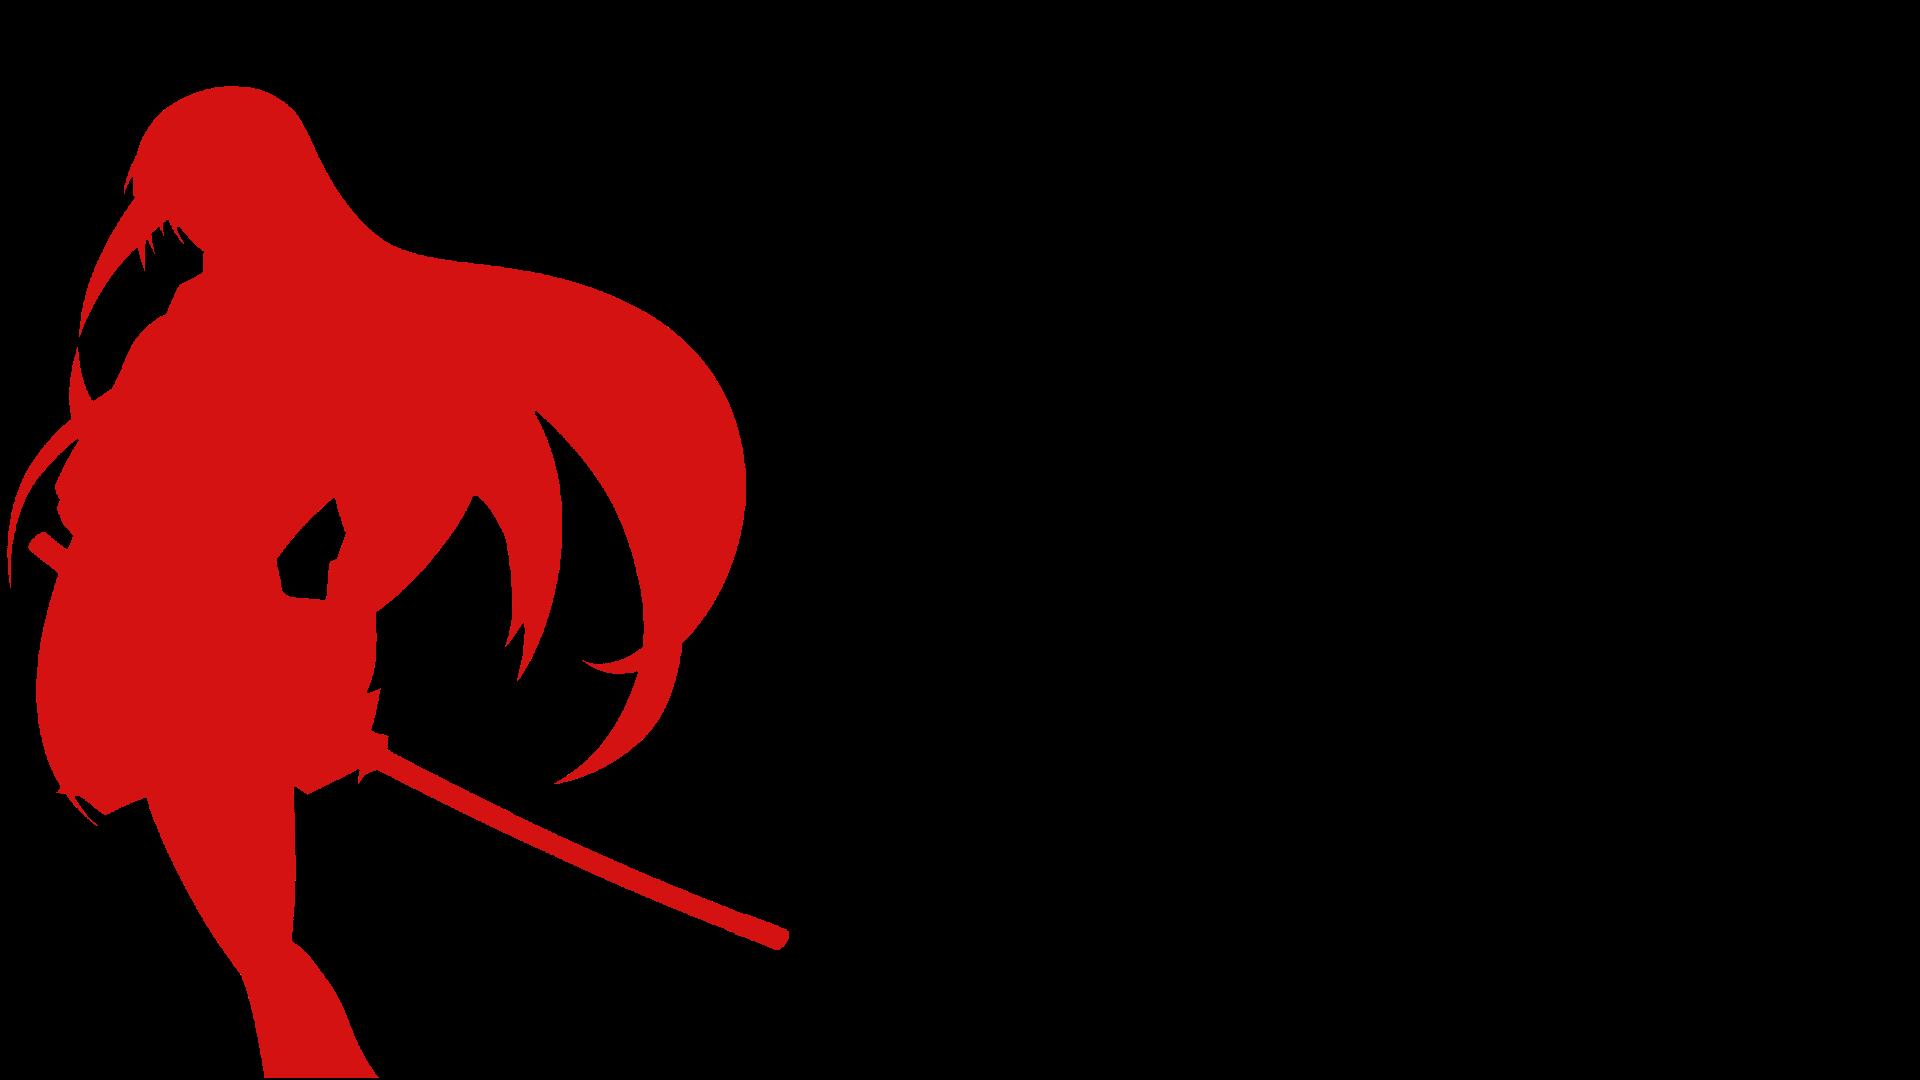 デスクトップ壁紙 黒 図 アニメの女の子 赤 シルエット カタナ